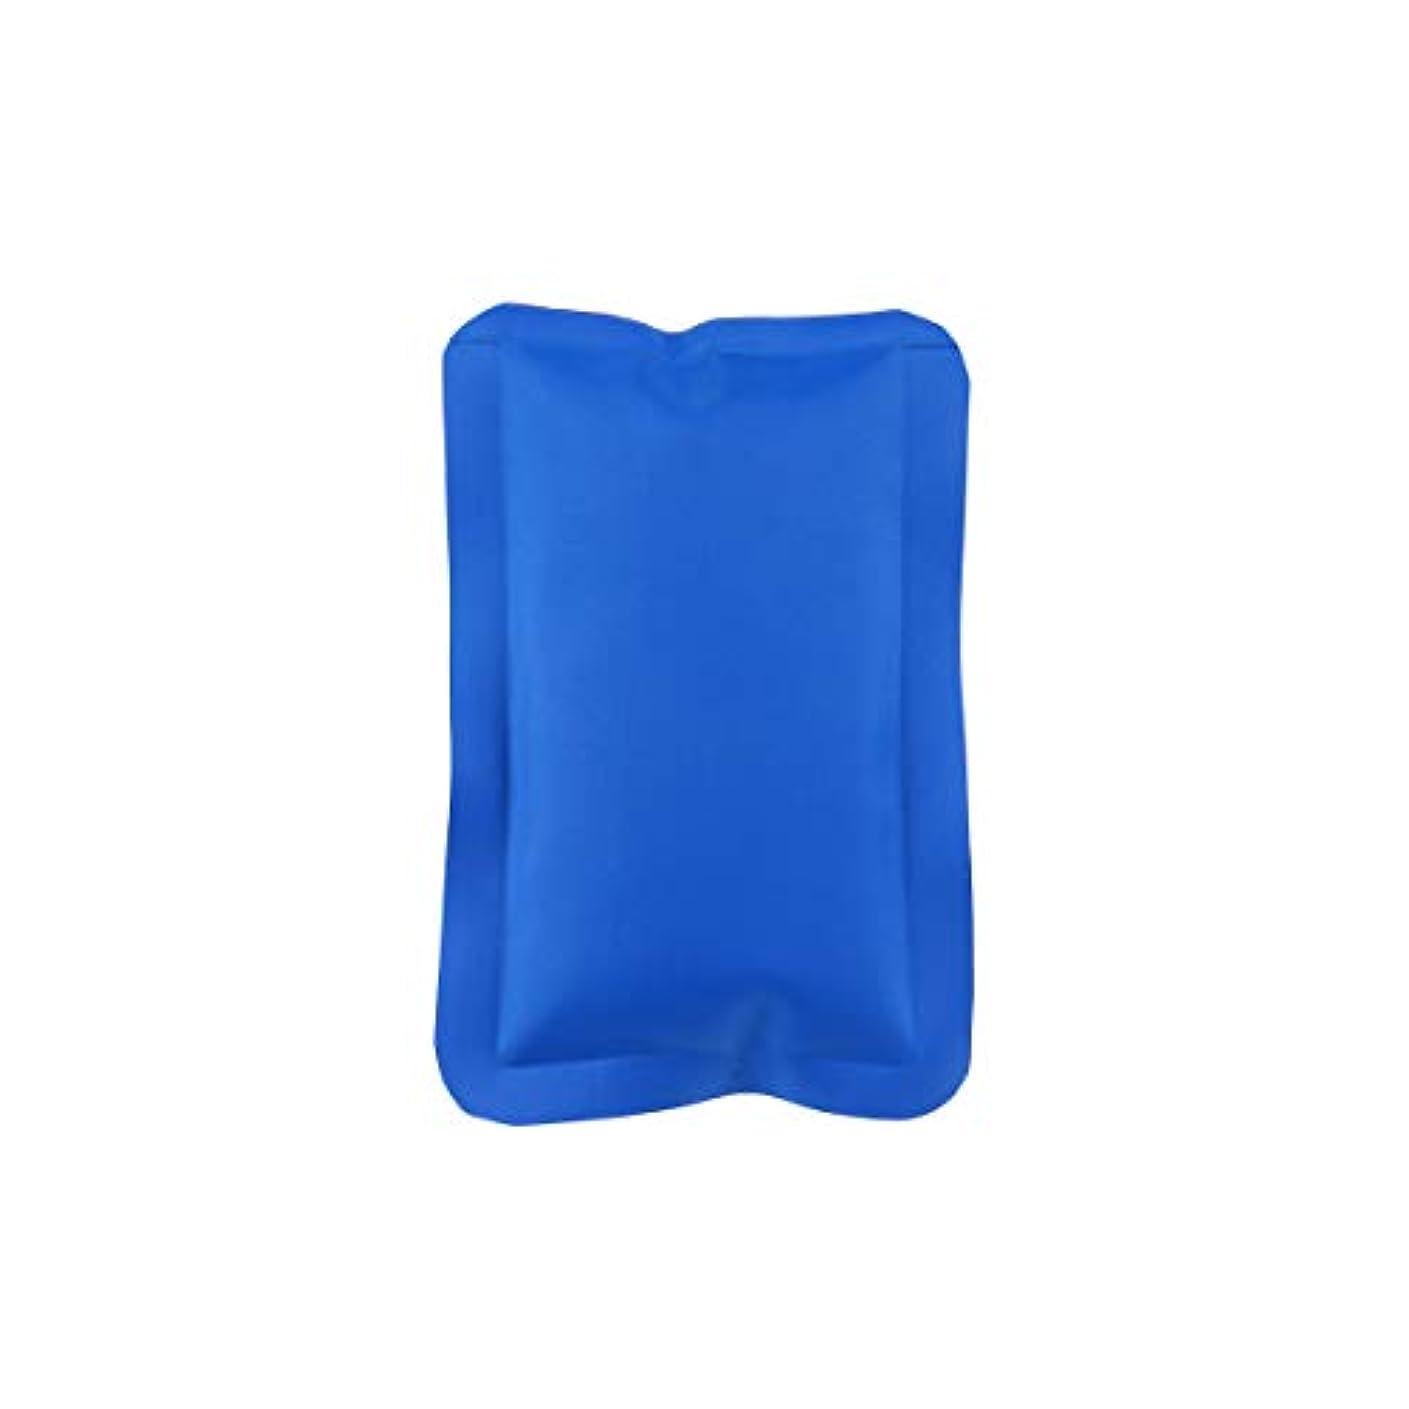 ディスパッチビジネスメンバーHEALLILY 150ML再利用可能なホット&コールドジェルパック(コンプレッションラップスポーツ傷害)ジェルアイスパック多目的ヒートパック(マッスルリリーフ用、16x10x1cm、ブルー)